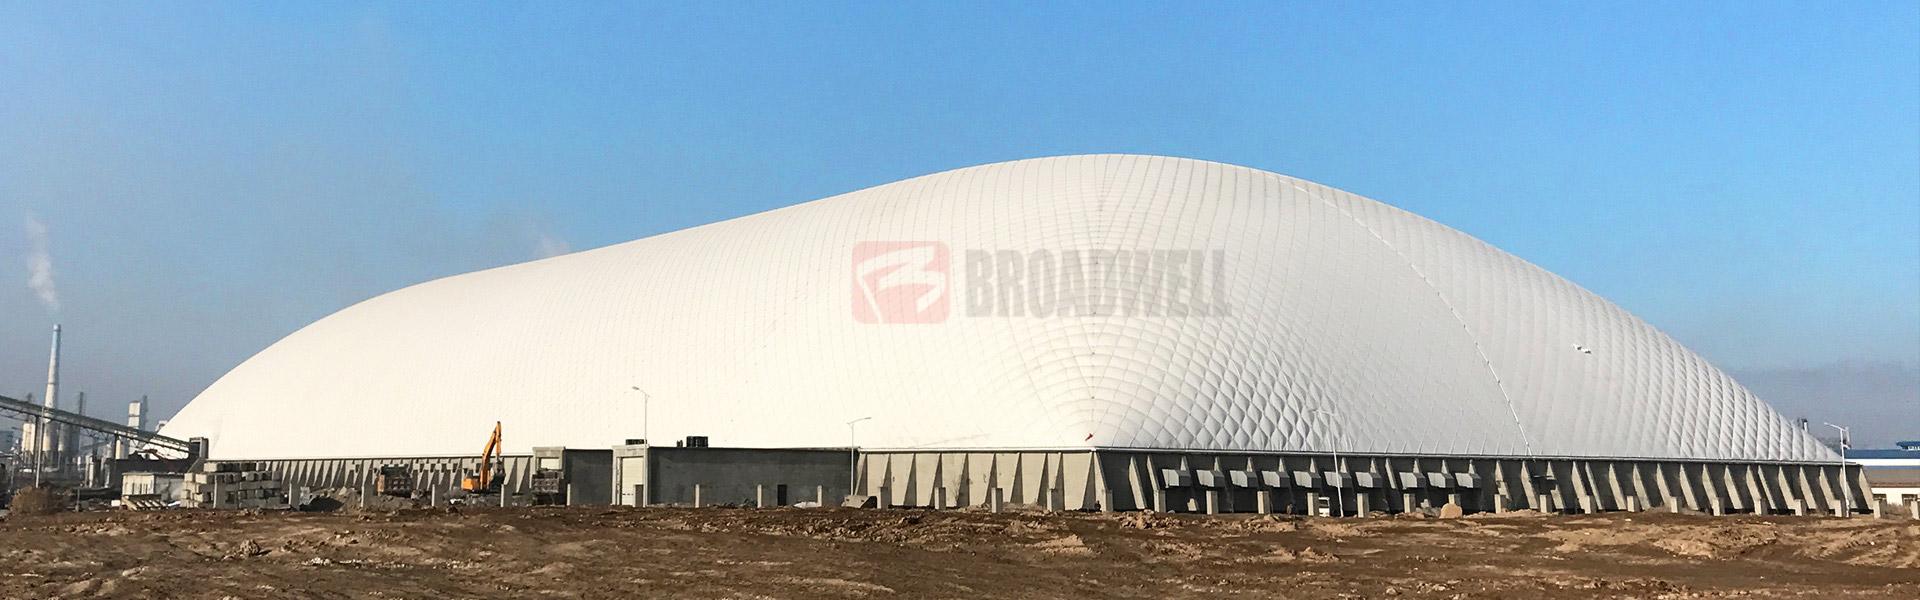 跨度116米水泥工业原料气膜棚——天山股份气膜水泥原料棚